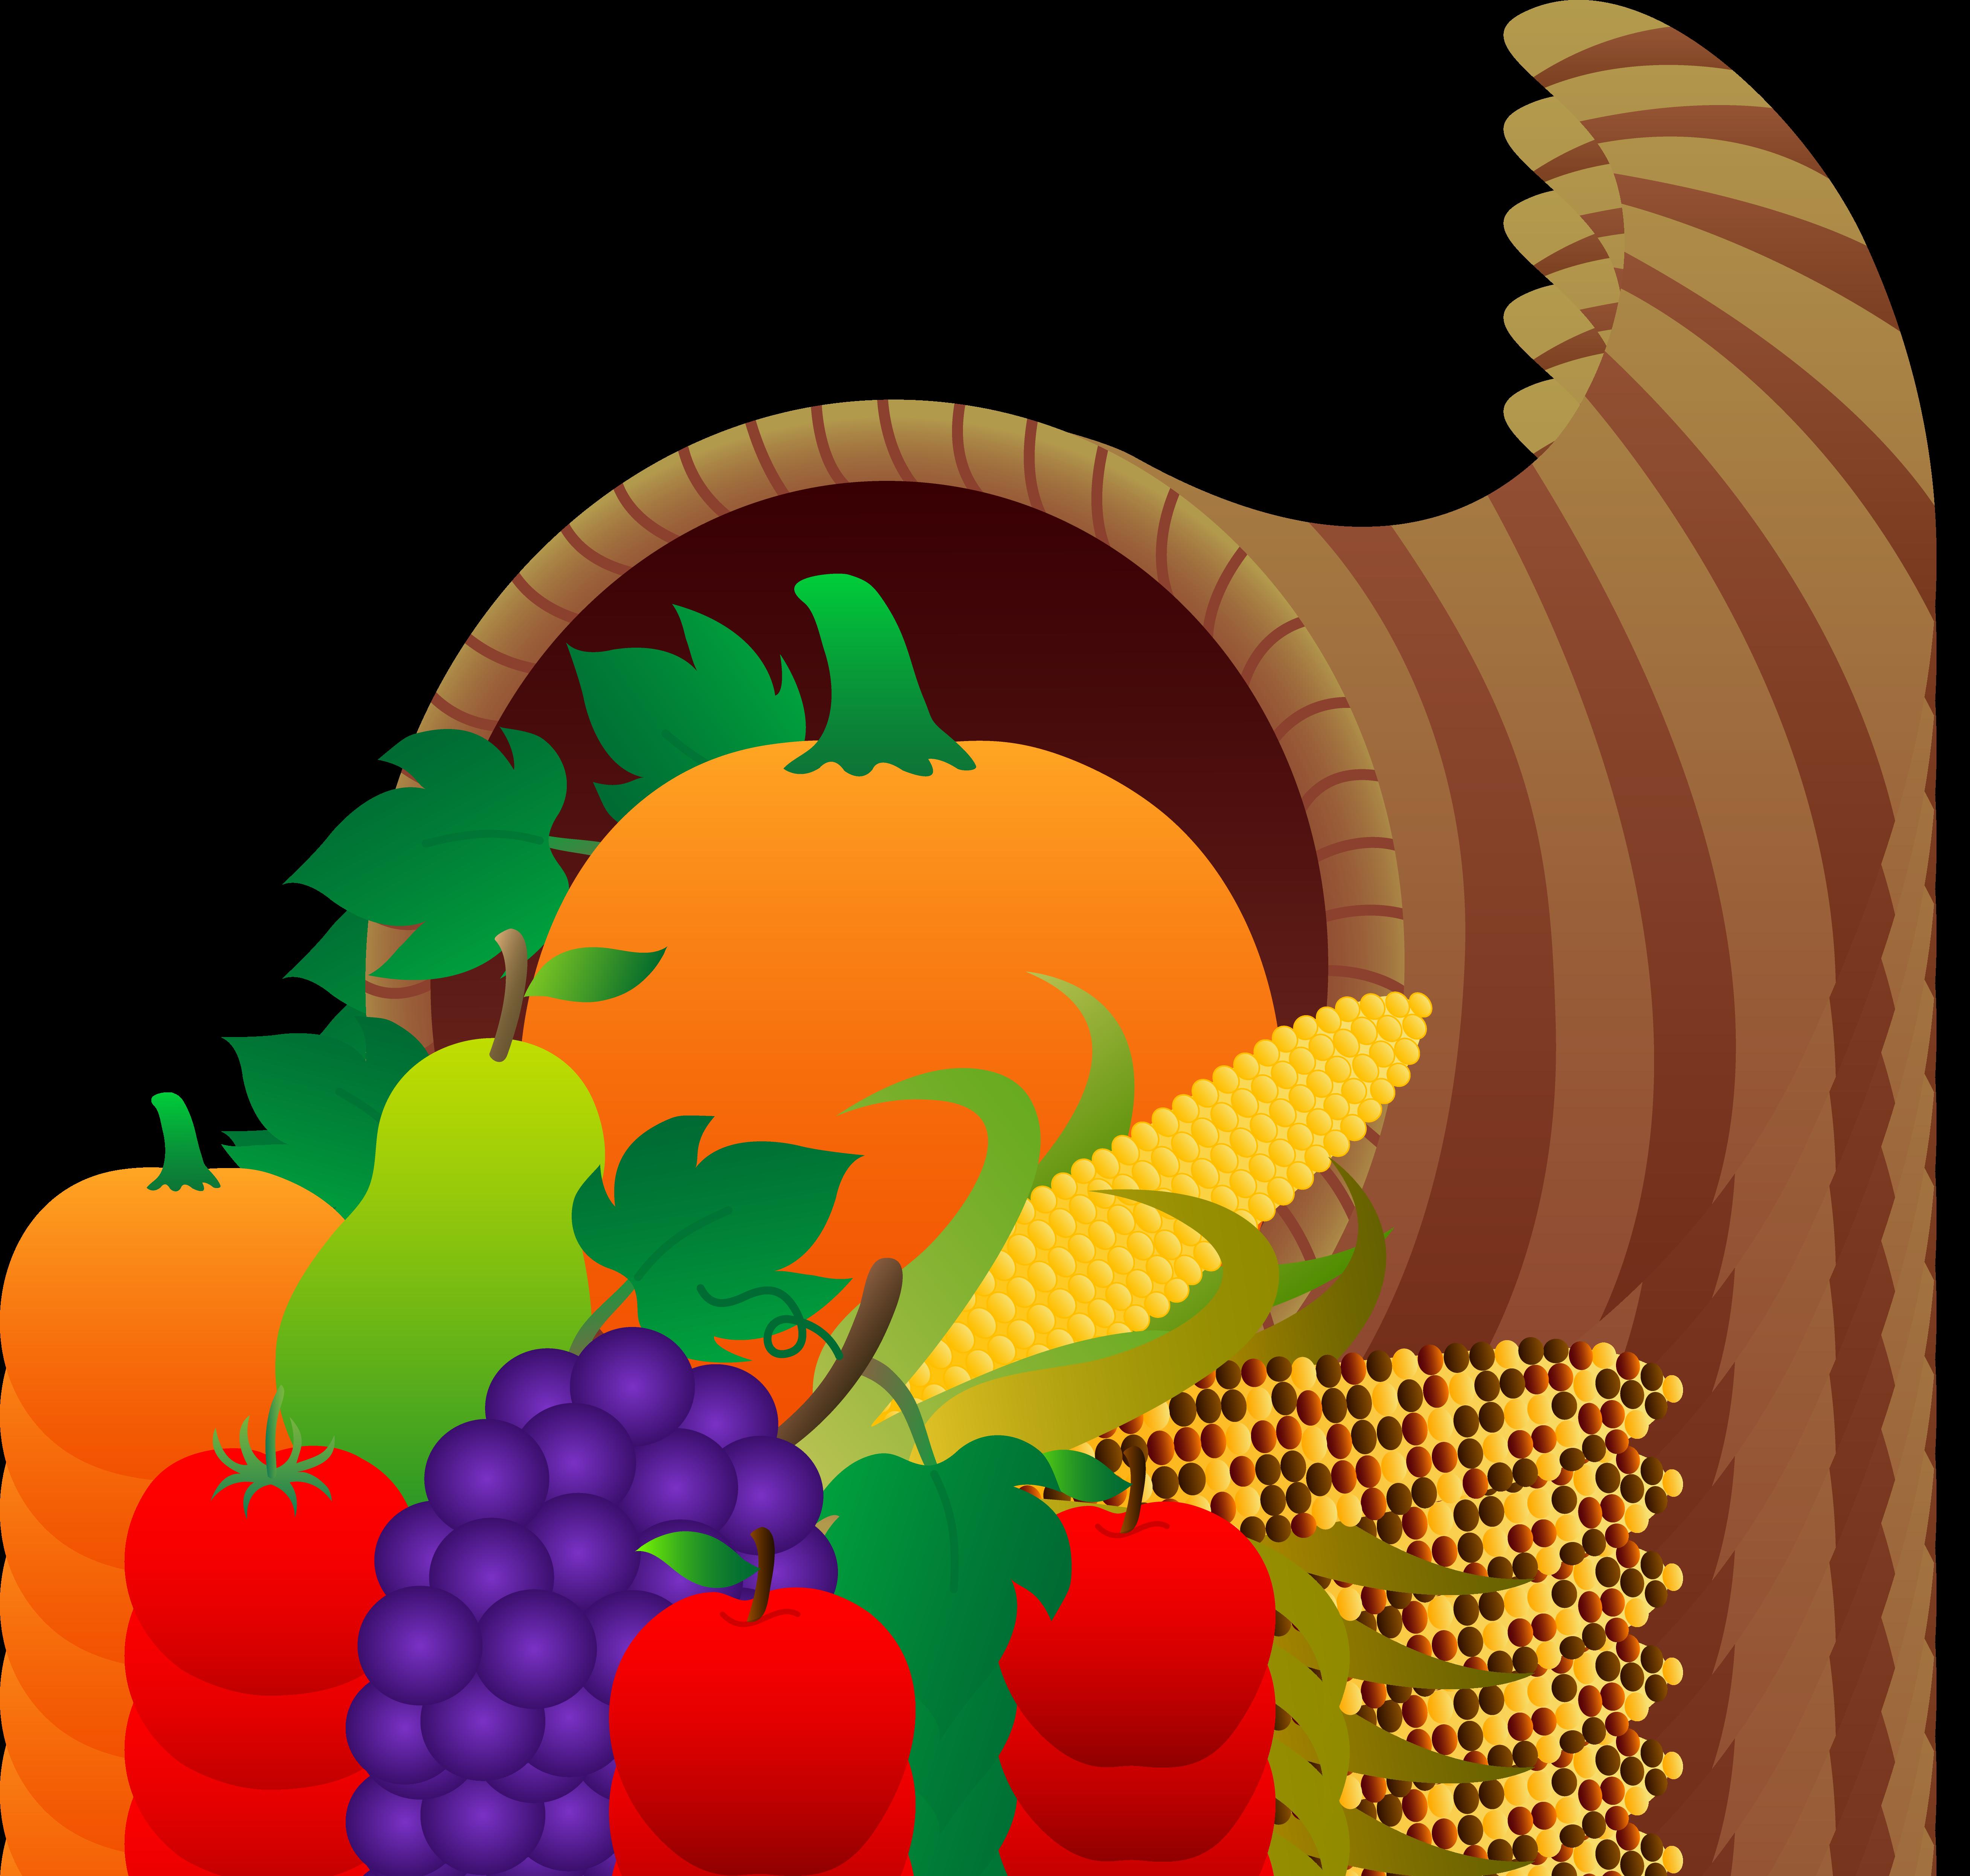 5231x4982 Fruit Basket Clipart